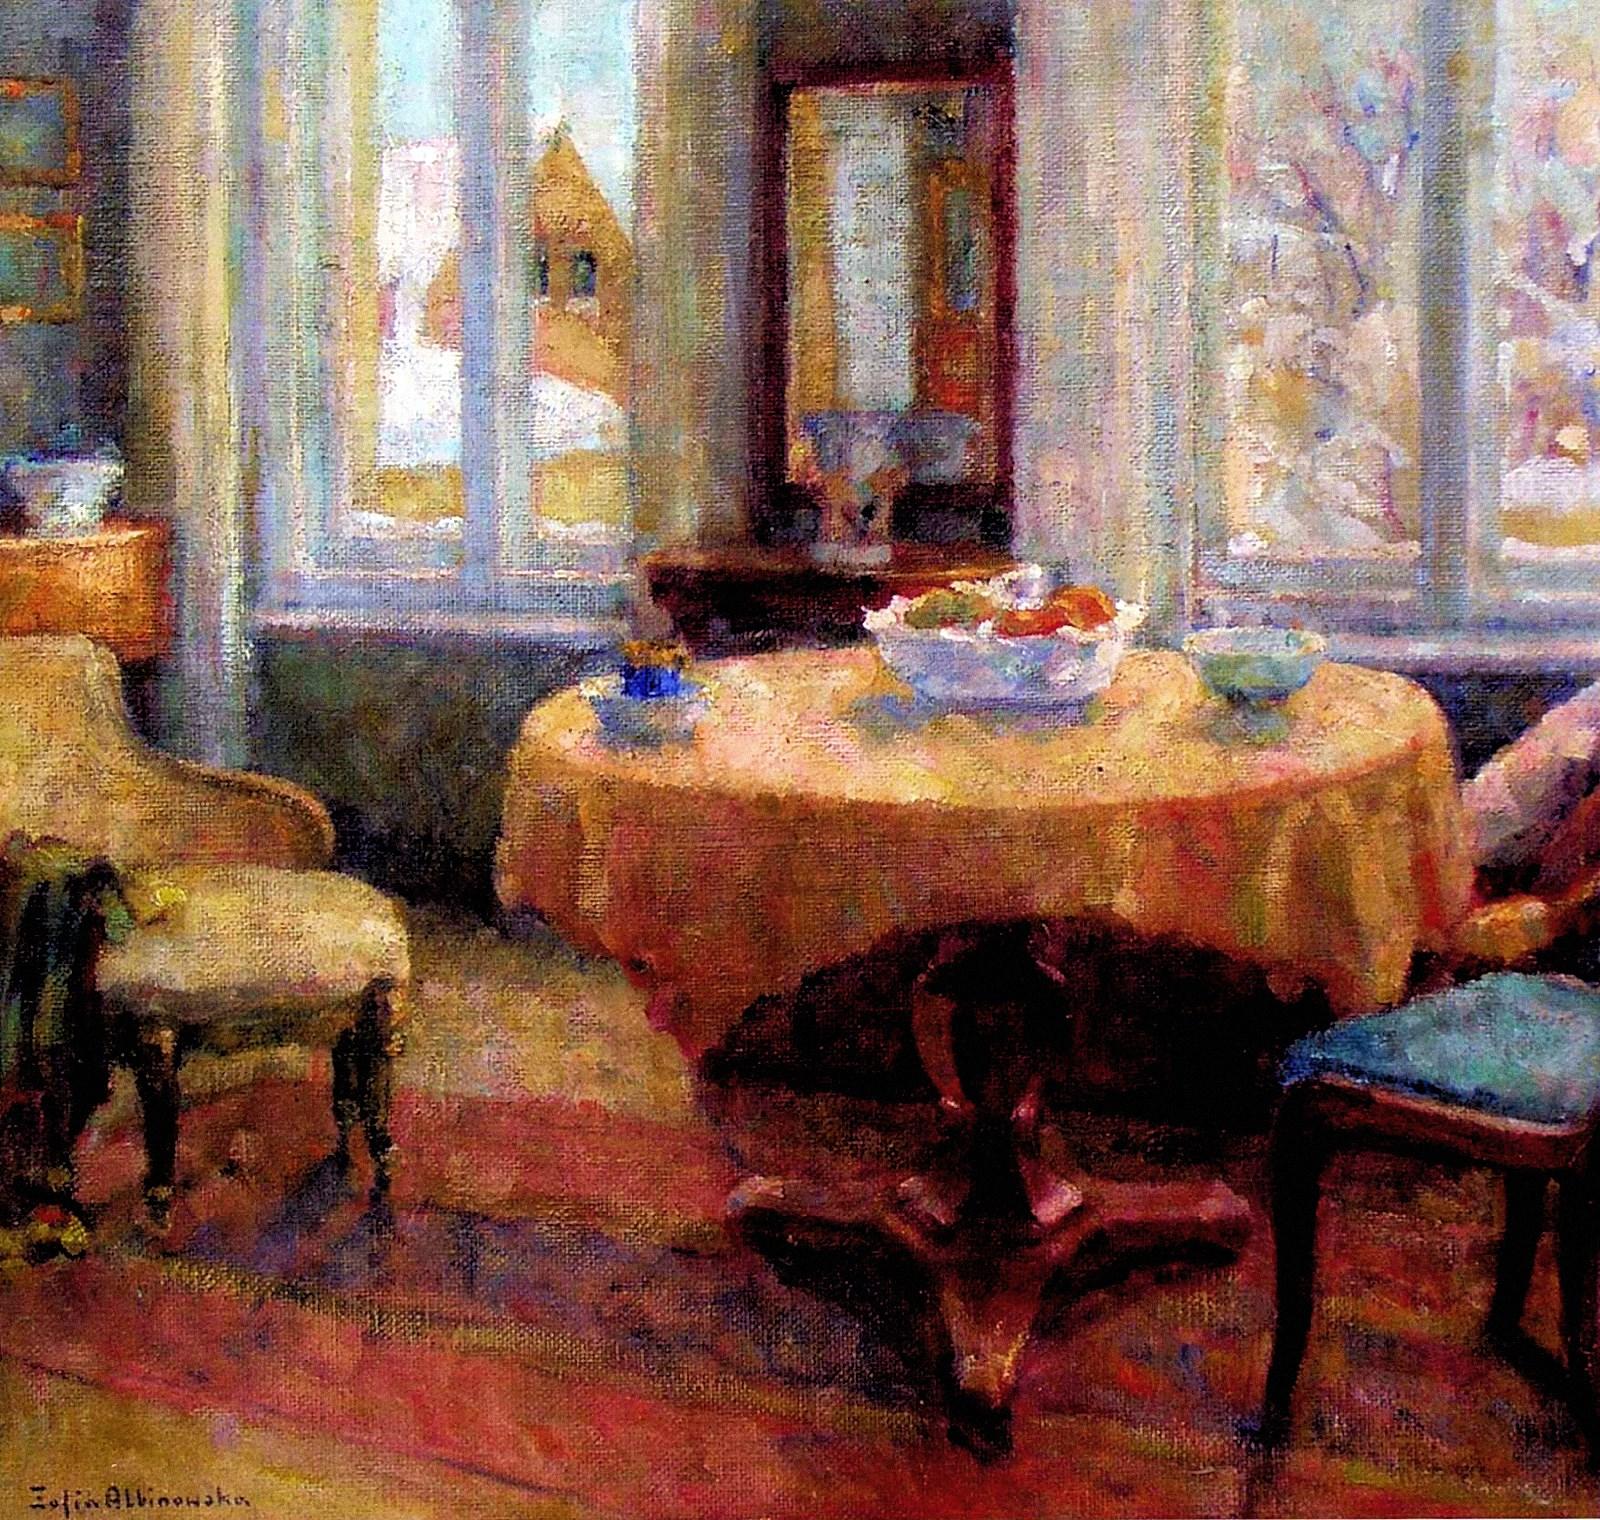 00 Sofiya Albinovskaya-Minkevich. A Frozen Day. 1963